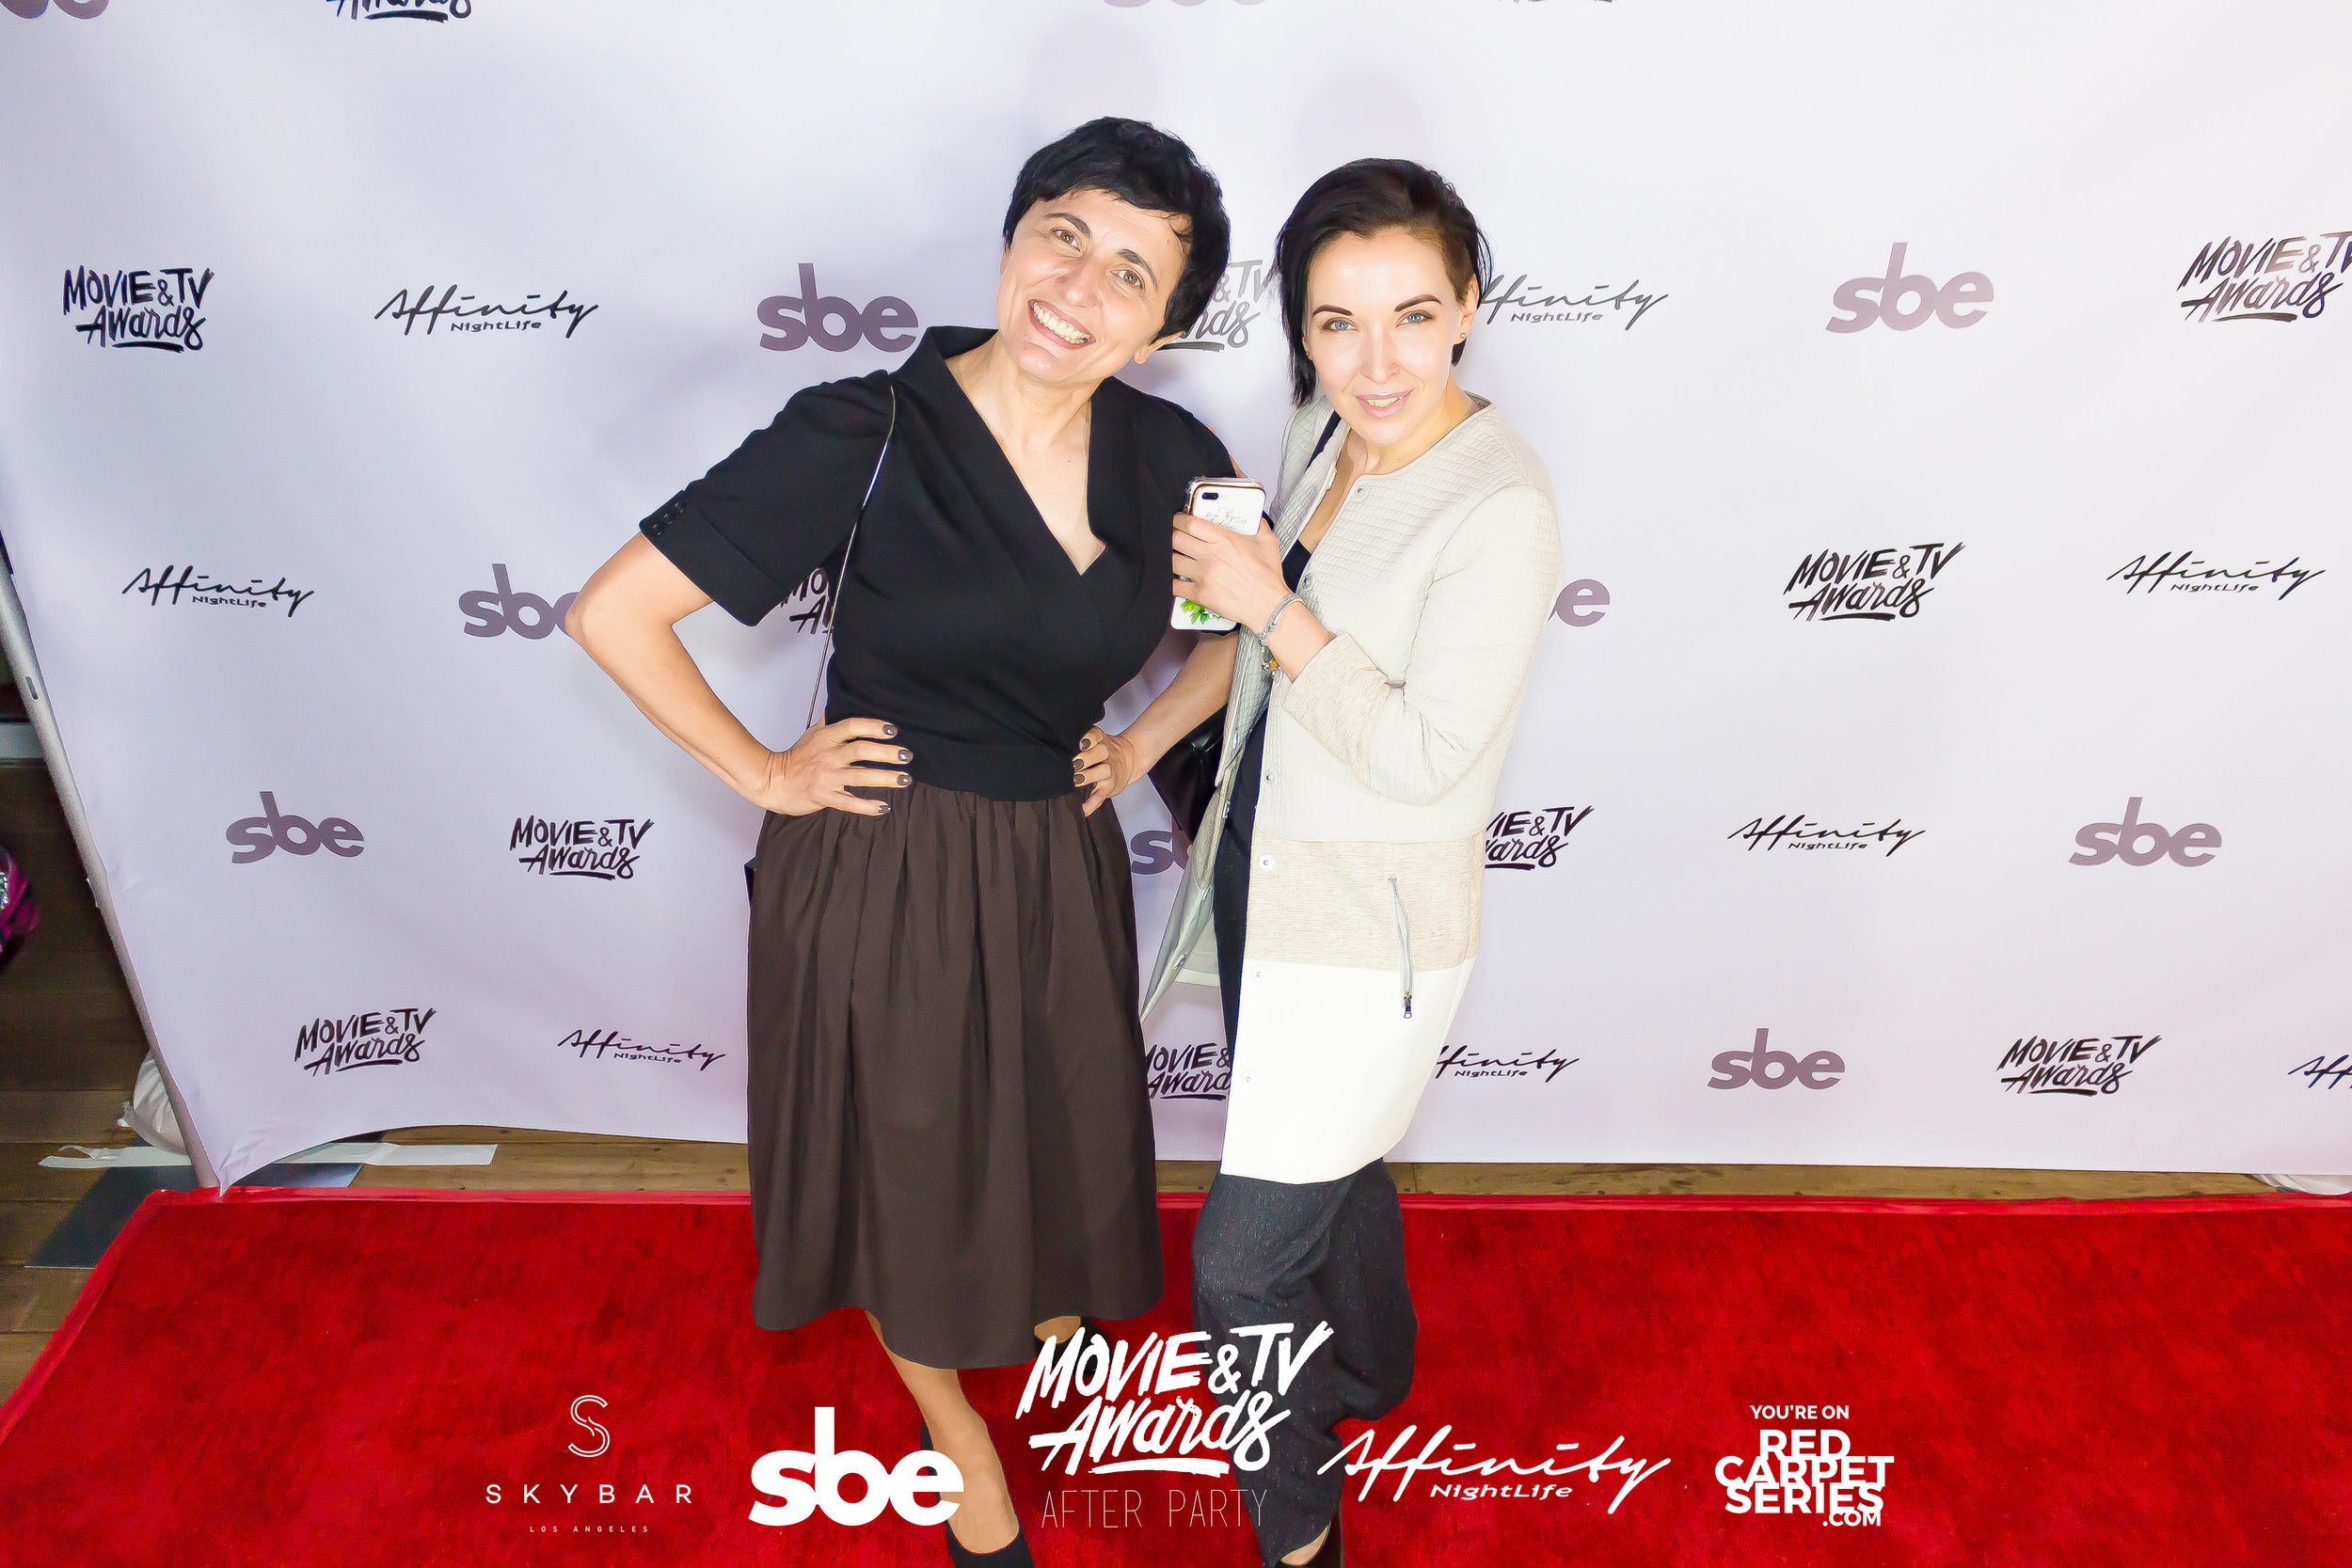 Affinity Nightlife MTV Movie & TV Awards After Party - Skybar at Mondrian - 06-15-19 - Vol. 2_99.jpg